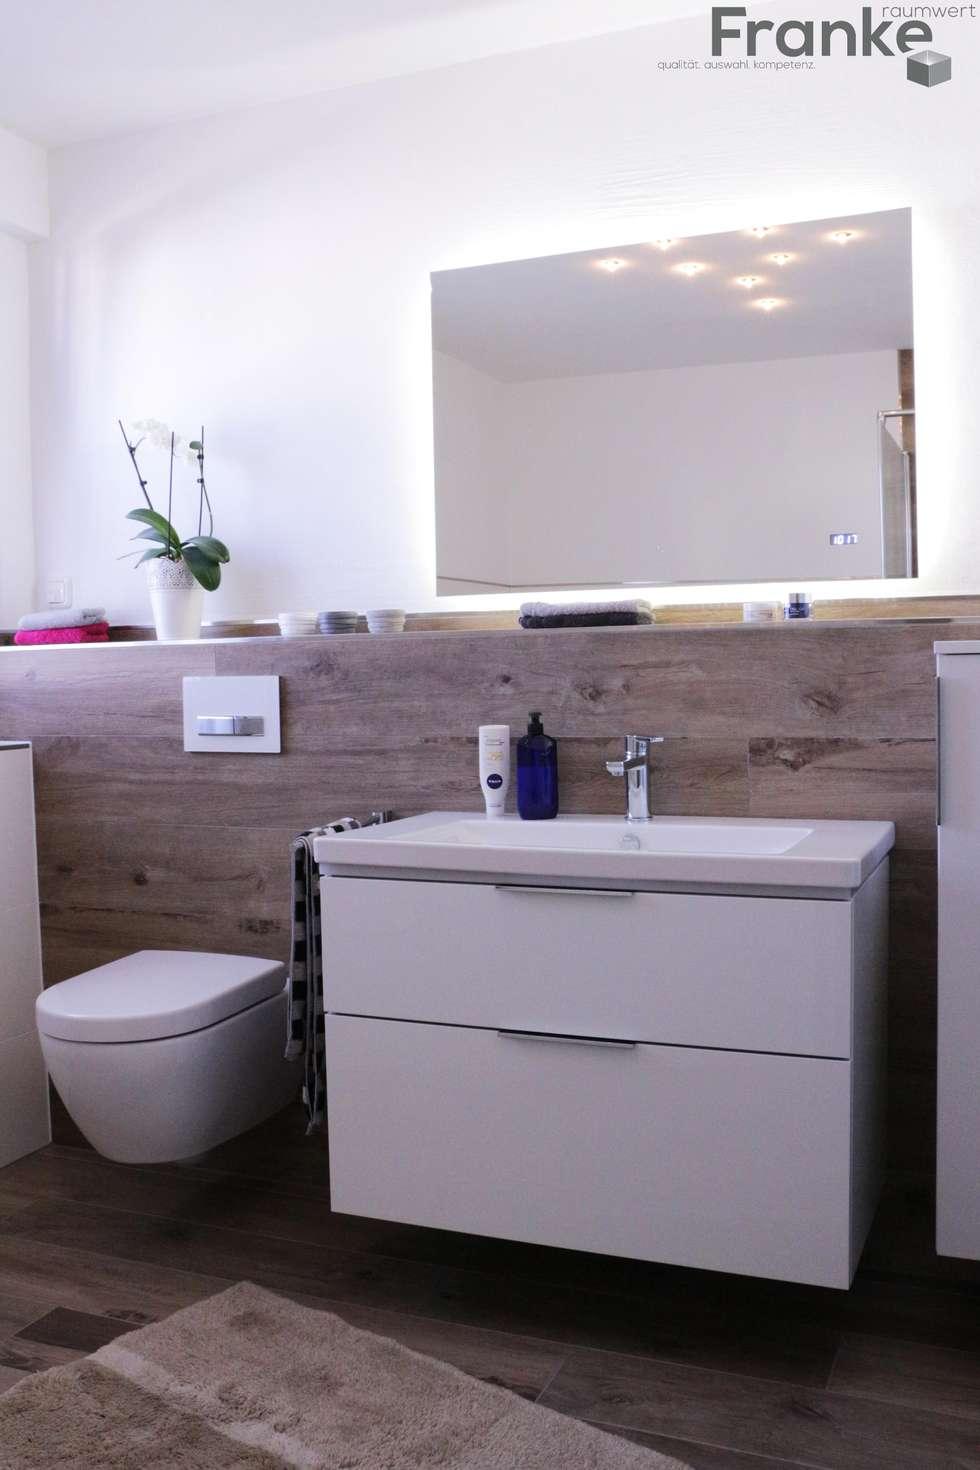 Wohnideen interior design einrichtungsideen bilder - Fliesen im holzdesign ...